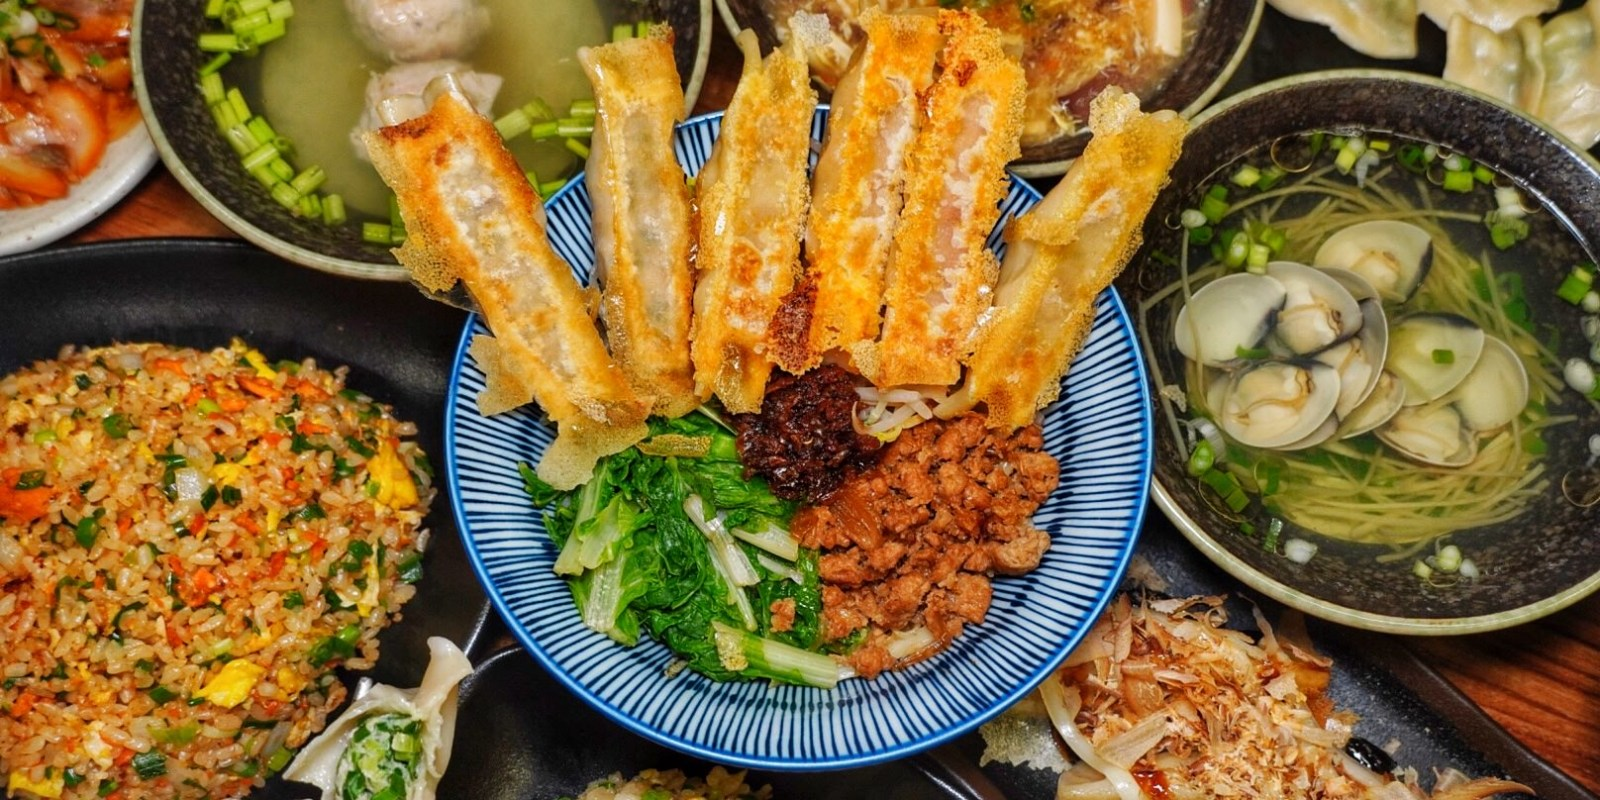 嘉義民雄美食【十里洋場鍋貼專門店】你吃過大阪燒鍋貼嗎!?主打多種口味的特色鍋貼店